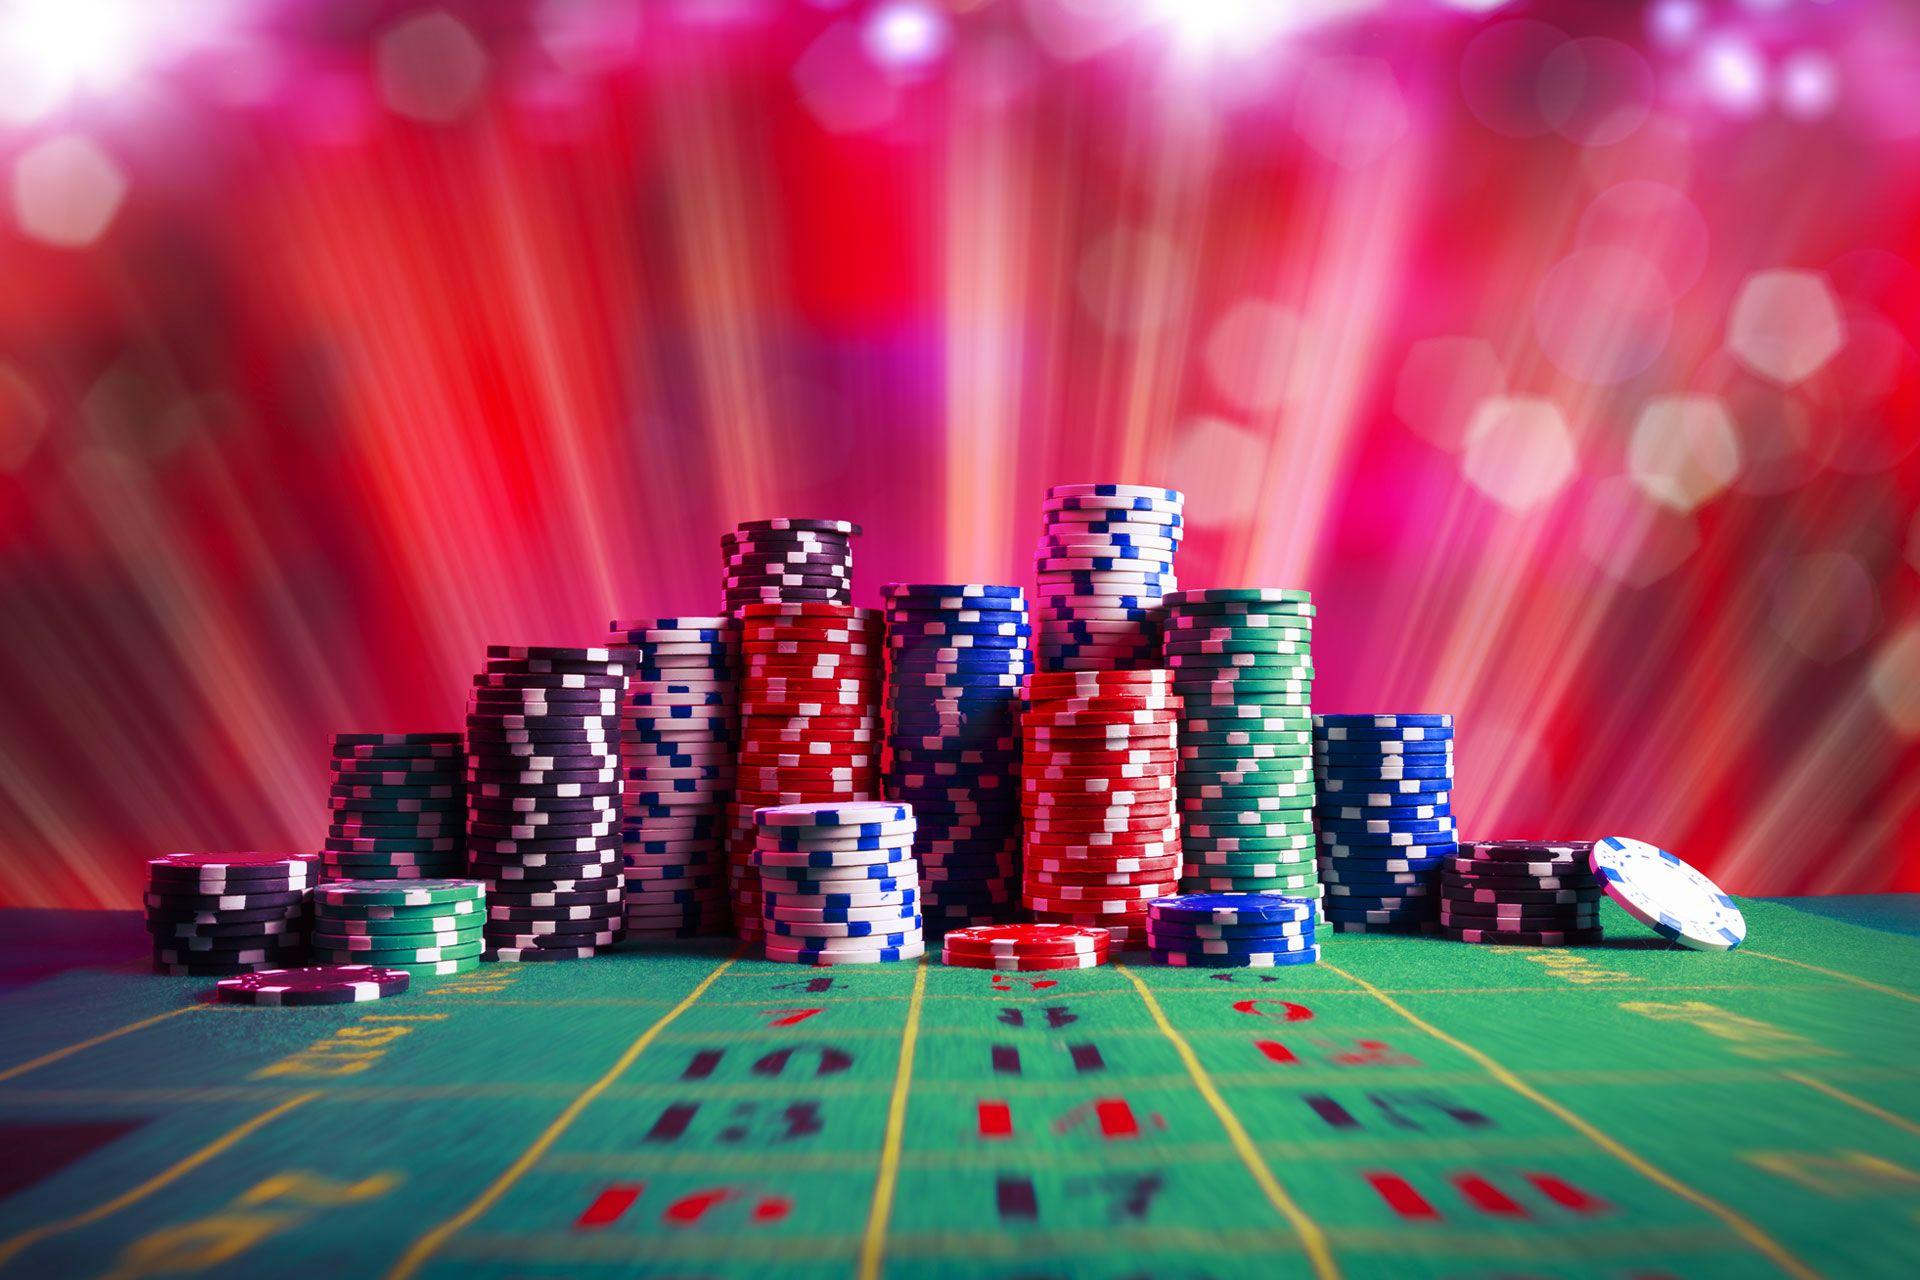 casino | Play casino, Casino, Casino games